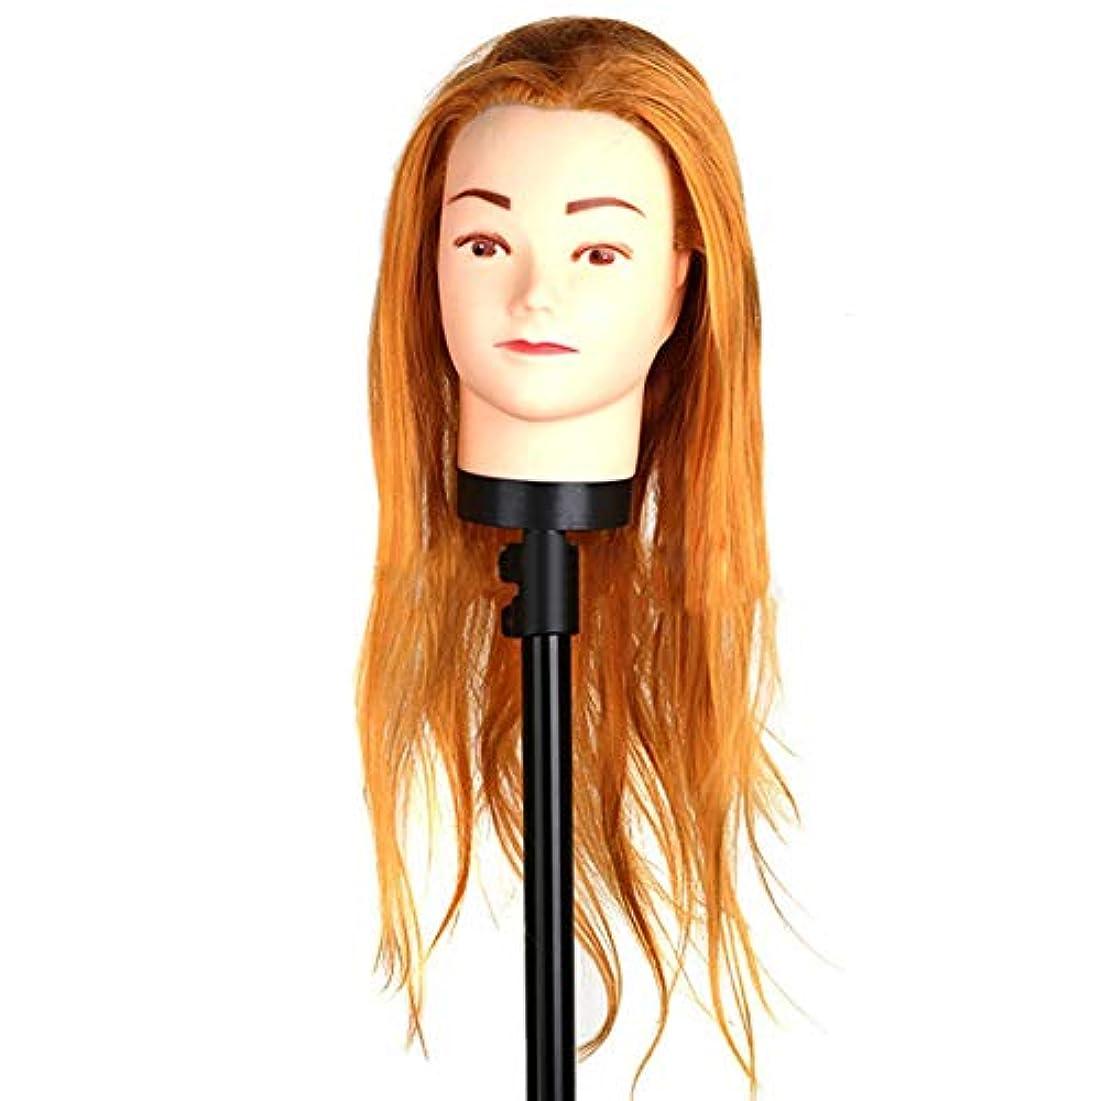 終わり破壊フルーツ高温繊維かつらヘッドモールドメイクヘアスタイリングヘッドヘアーサロントレーニング学習ヘアカットデュアルユースダミー人間の頭